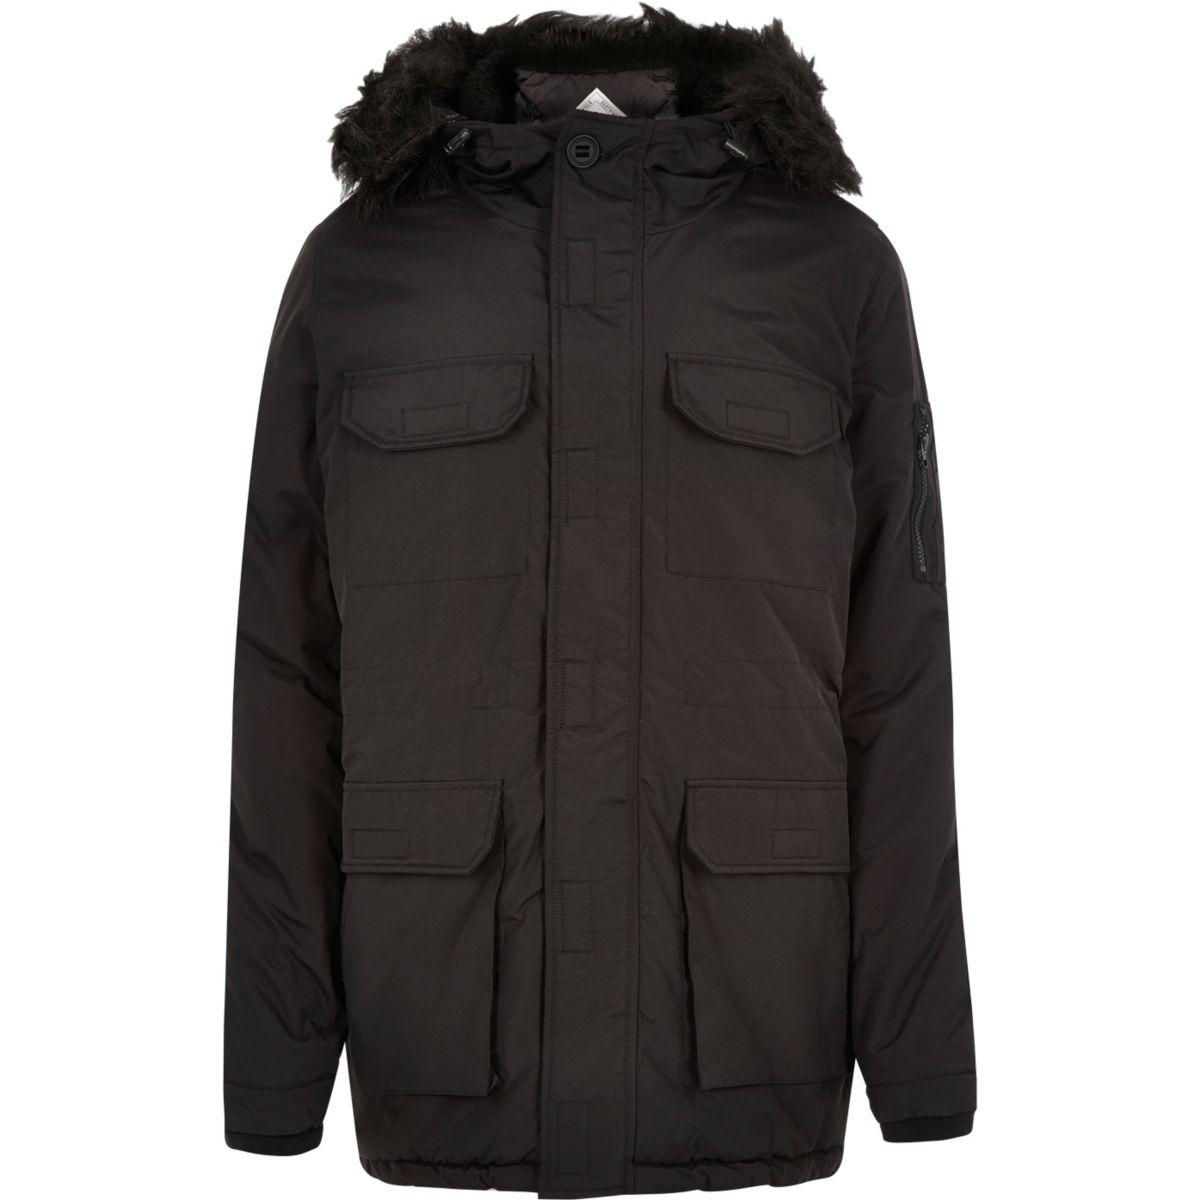 Black Bellfield faux fur parka winter coat